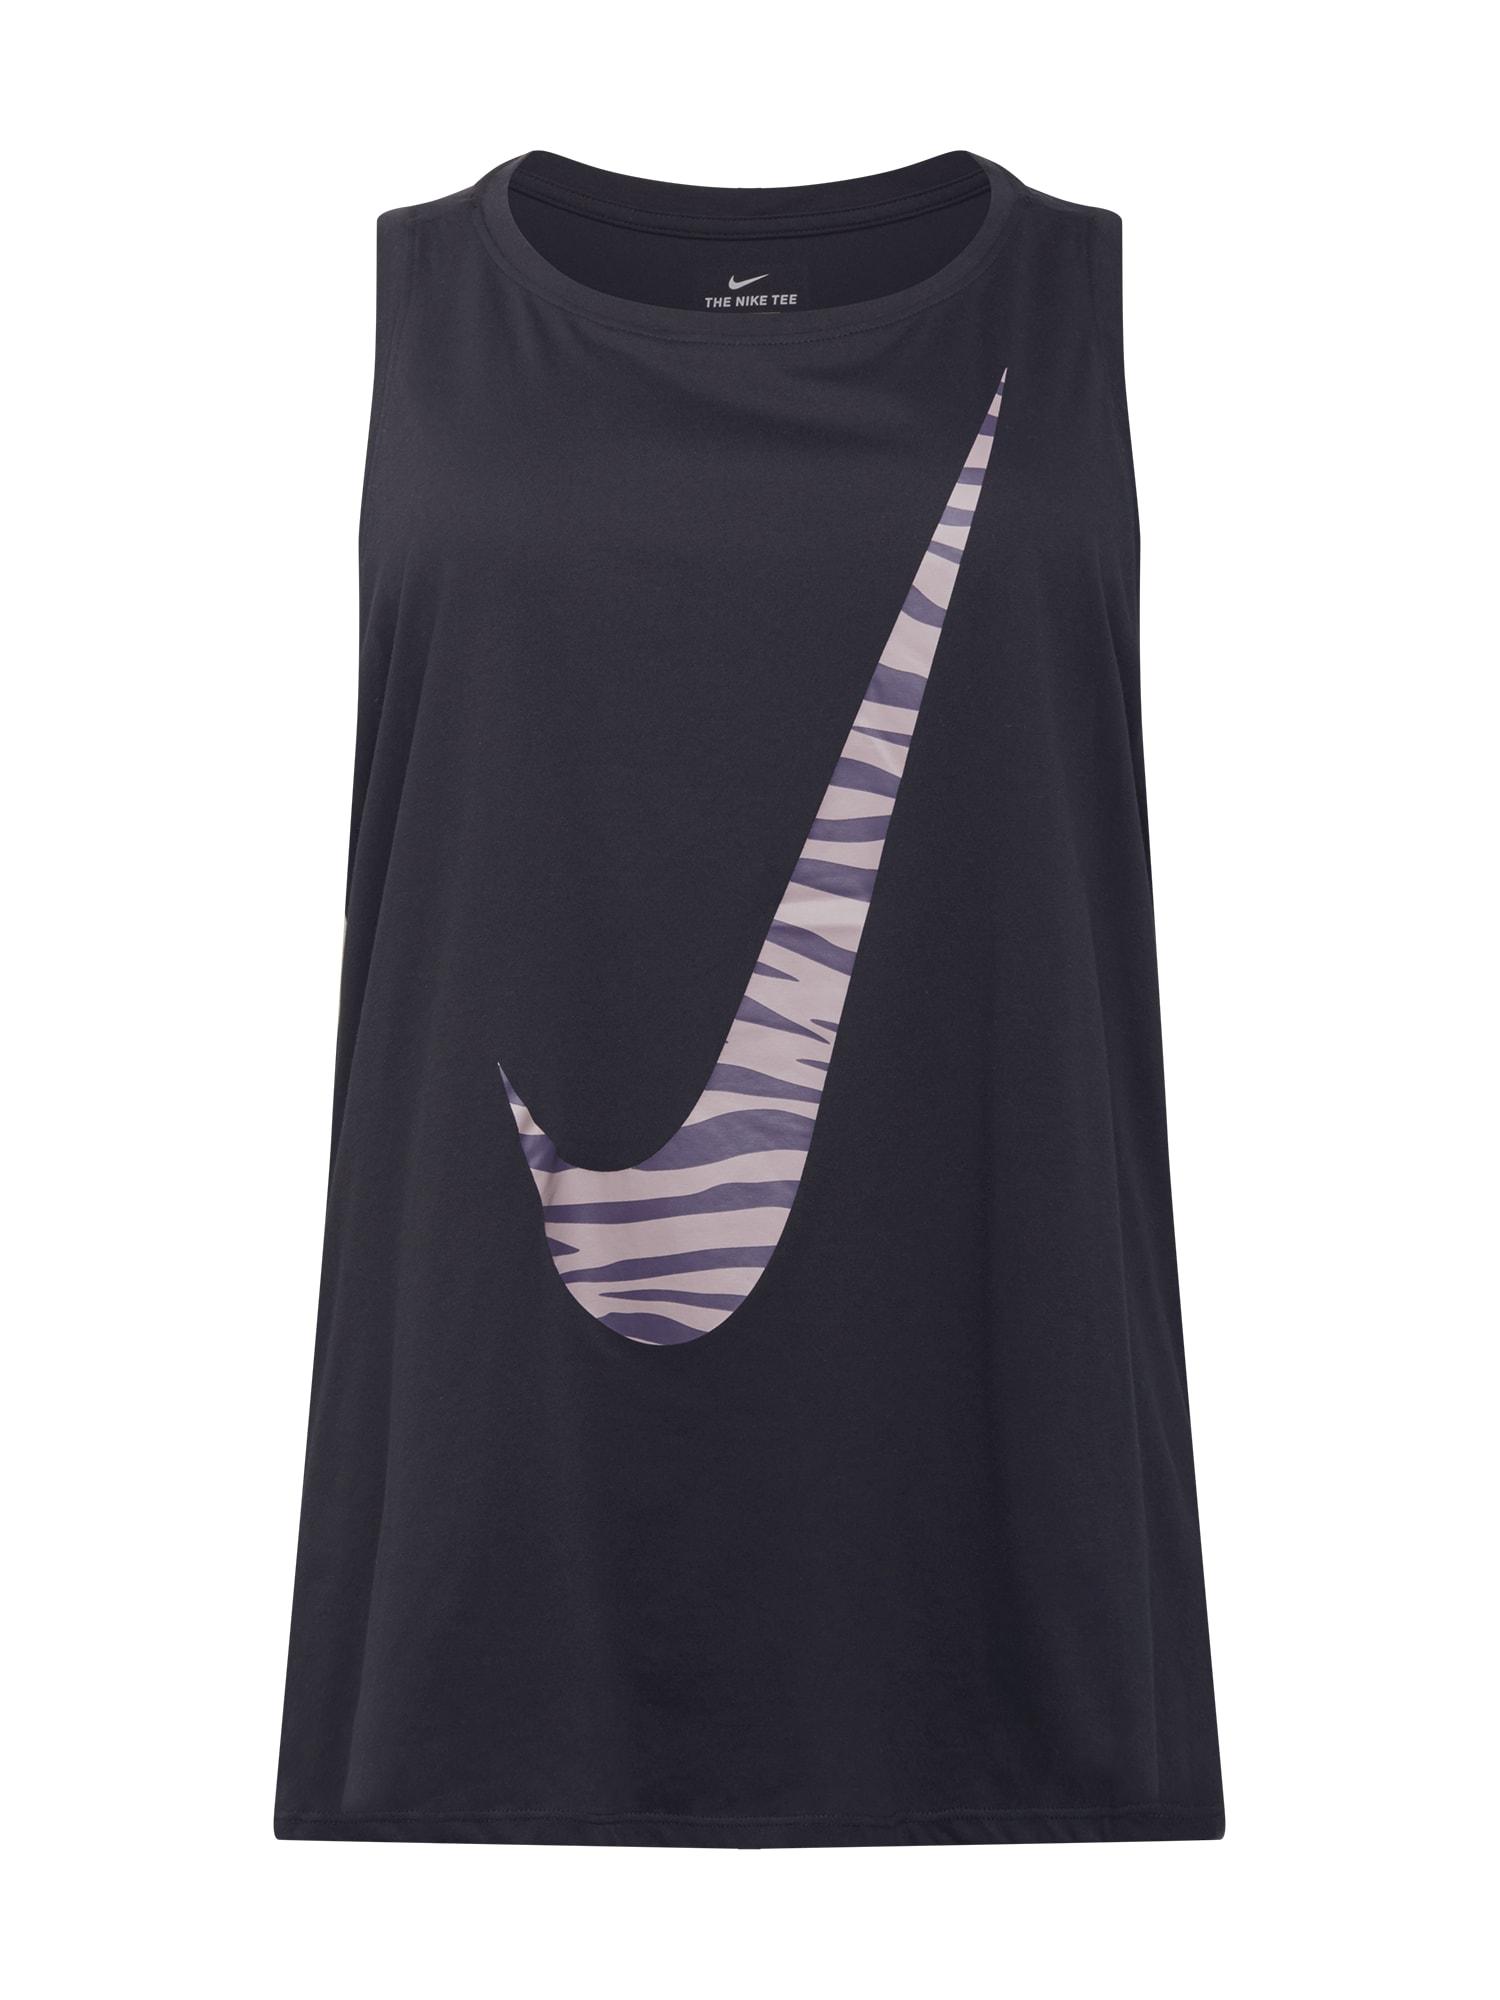 NIKE Sportiniai marškinėliai be rankovių juoda / pilka